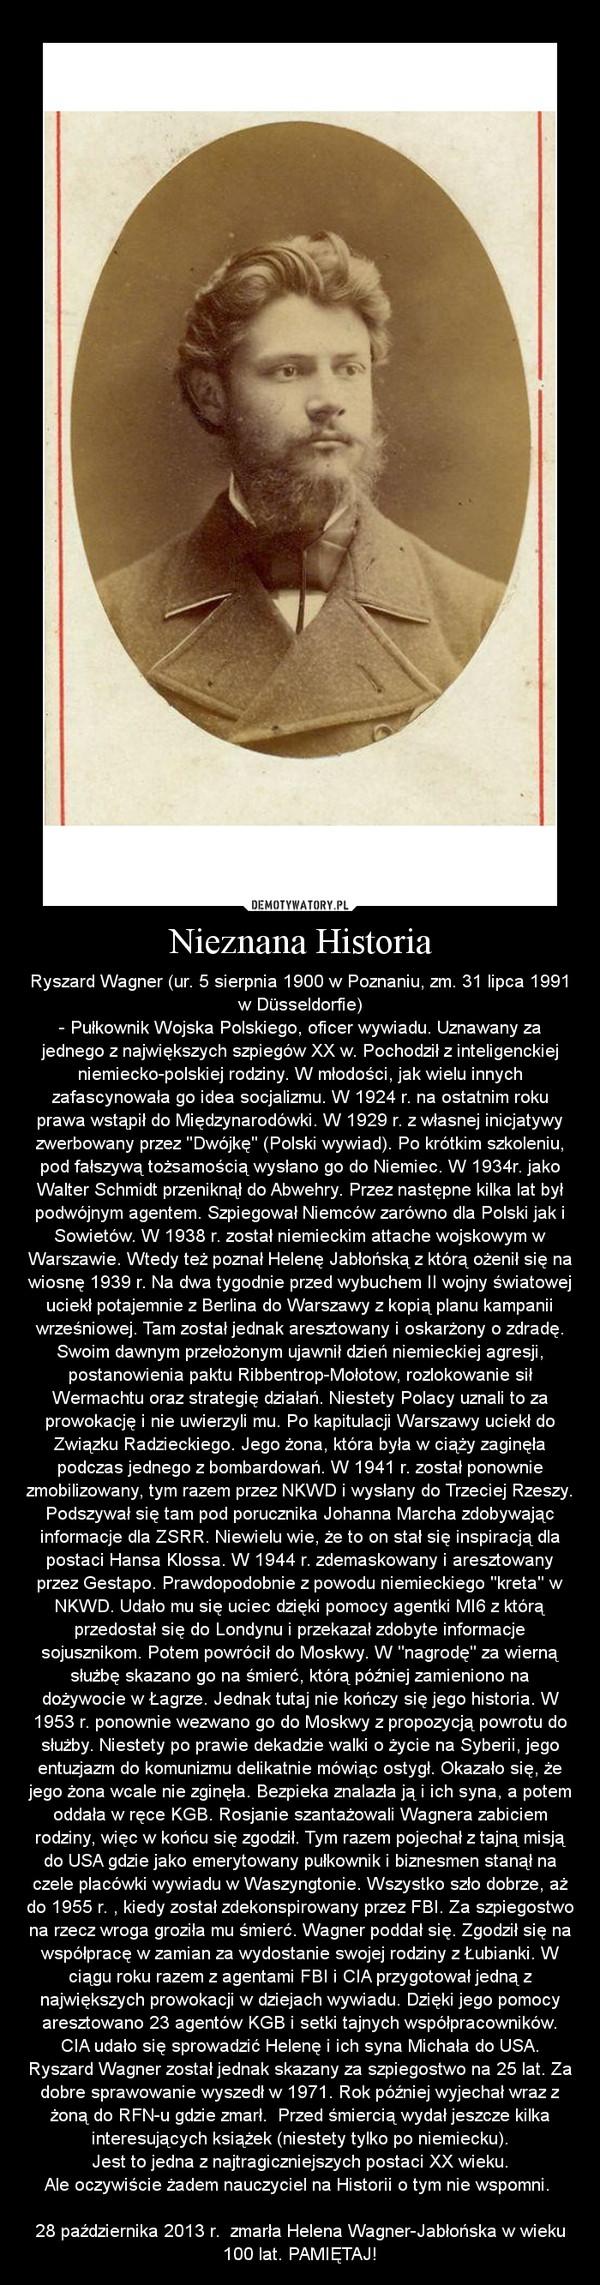 Nieznana Historia – Ryszard Wagner (ur. 5 sierpnia 1900 w Poznaniu, zm. 31 lipca 1991 w Düsseldorfie)\n- Pułkownik Wojska Polskiego, oficer wywiadu. Uznawany za jednego z największych szpiegów XX w. Pochodził z inteligenckiej niemiecko-polskiej rodziny. W młodości, jak wielu innych zafascynowała go idea socjalizmu. W 1924 r. na ostatnim roku prawa wstąpił do Międzynarodówki. W 1929 r. z własnej inicjatywy zwerbowany przez \'\'Dwójkę\'\' (Polski wywiad). Po krótkim szkoleniu, pod fałszywą tożsamością wysłano go do Niemiec. W 1934r. jako Walter Schmidt przeniknął do Abwehry. Przez następne kilka lat był podwójnym agentem. Szpiegował Niemców zarówno dla Polski jak i Sowietów. W 1938 r. został niemieckim attache wojskowym w Warszawie. Wtedy też poznał Helenę Jabłońską z którą ożenił się na wiosnę 1939 r. Na dwa tygodnie przed wybuchem II wojny światowej uciekł potajemnie z Berlina do Warszawy z kopią planu kampanii wrześniowej. Tam został jednak aresztowany i oskarżony o zdradę. Swoim dawnym przełożonym ujawnił dzień niemieckiej agresji, postanowienia paktu Ribbentrop-Mołotow, rozlokowanie sił Wermachtu oraz strategię działań. Niestety Polacy uznali to za prowokację i nie uwierzyli mu. Po kapitulacji Warszawy uciekł do Związku Radzieckiego. Jego żona, która była w ciąży zaginęła podczas jednego z bombardowań. W 1941 r. został ponownie zmobilizowany, tym razem przez NKWD i wysłany do Trzeciej Rzeszy. Podszywał się tam pod porucznika Johanna Marcha zdobywając informacje dla ZSRR. Niewielu wie, że to on stał się inspiracją dla postaci Hansa Klossa. W 1944 r. zdemaskowany i aresztowany przez Gestapo. Prawdopodobnie z powodu niemieckiego \'\'kreta\'\' w NKWD. Udało mu się uciec dzięki pomocy agentki MI6 z którą przedostał się do Londynu i przekazał zdobyte informacje sojusznikom. Potem powrócił do Moskwy. W \'\'nagrodę\'\' za wierną służbę skazano go na śmierć, którą później zamieniono na dożywocie w Łagrze. Jednak tutaj nie kończy się jego historia. W 1953 r. ponownie wezwa